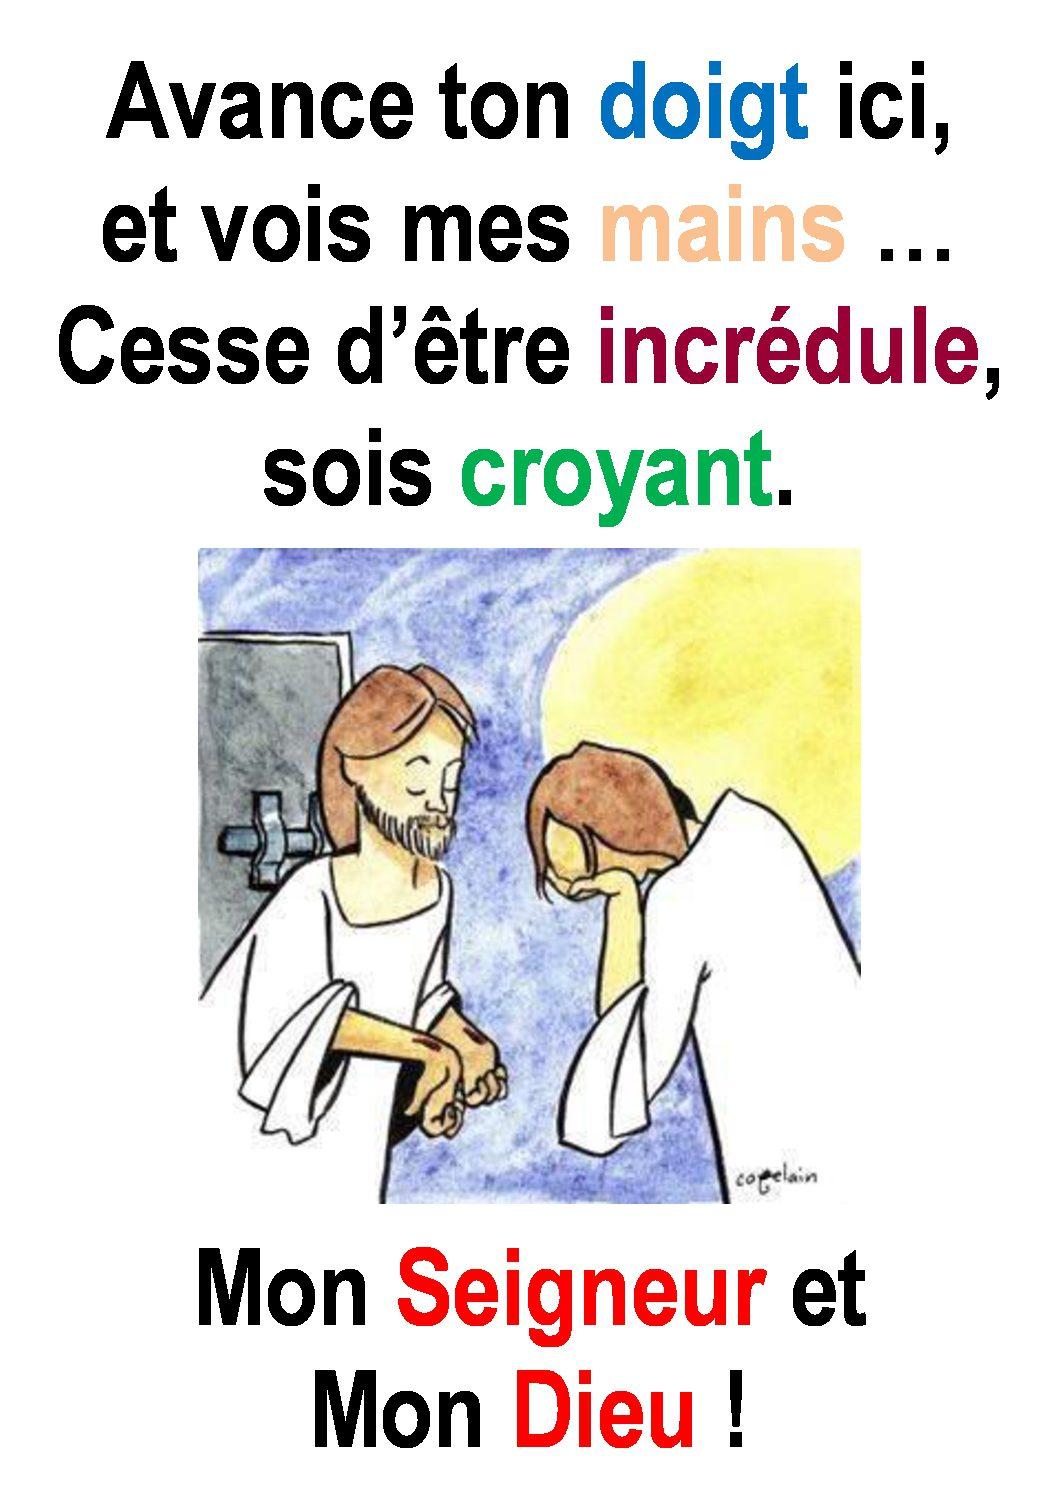 2ième Dimanche de Pâques ( Jean 20, 19-31) : «Heureux ceux qui croient sans avoir vu.» (Francis Cousin)